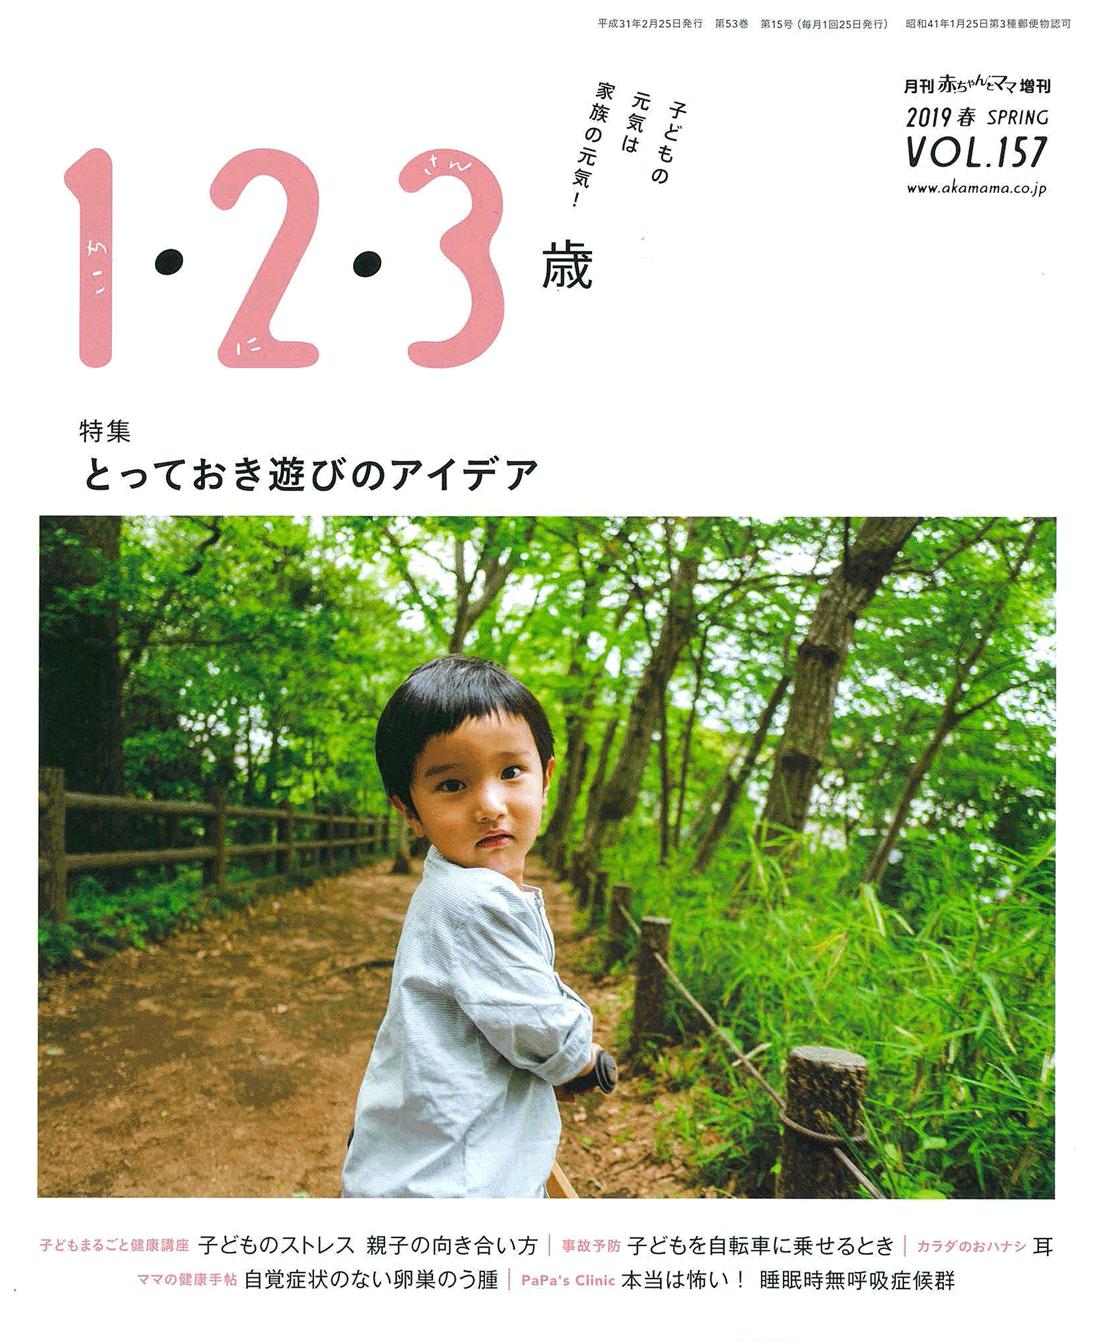 123_spring_2019